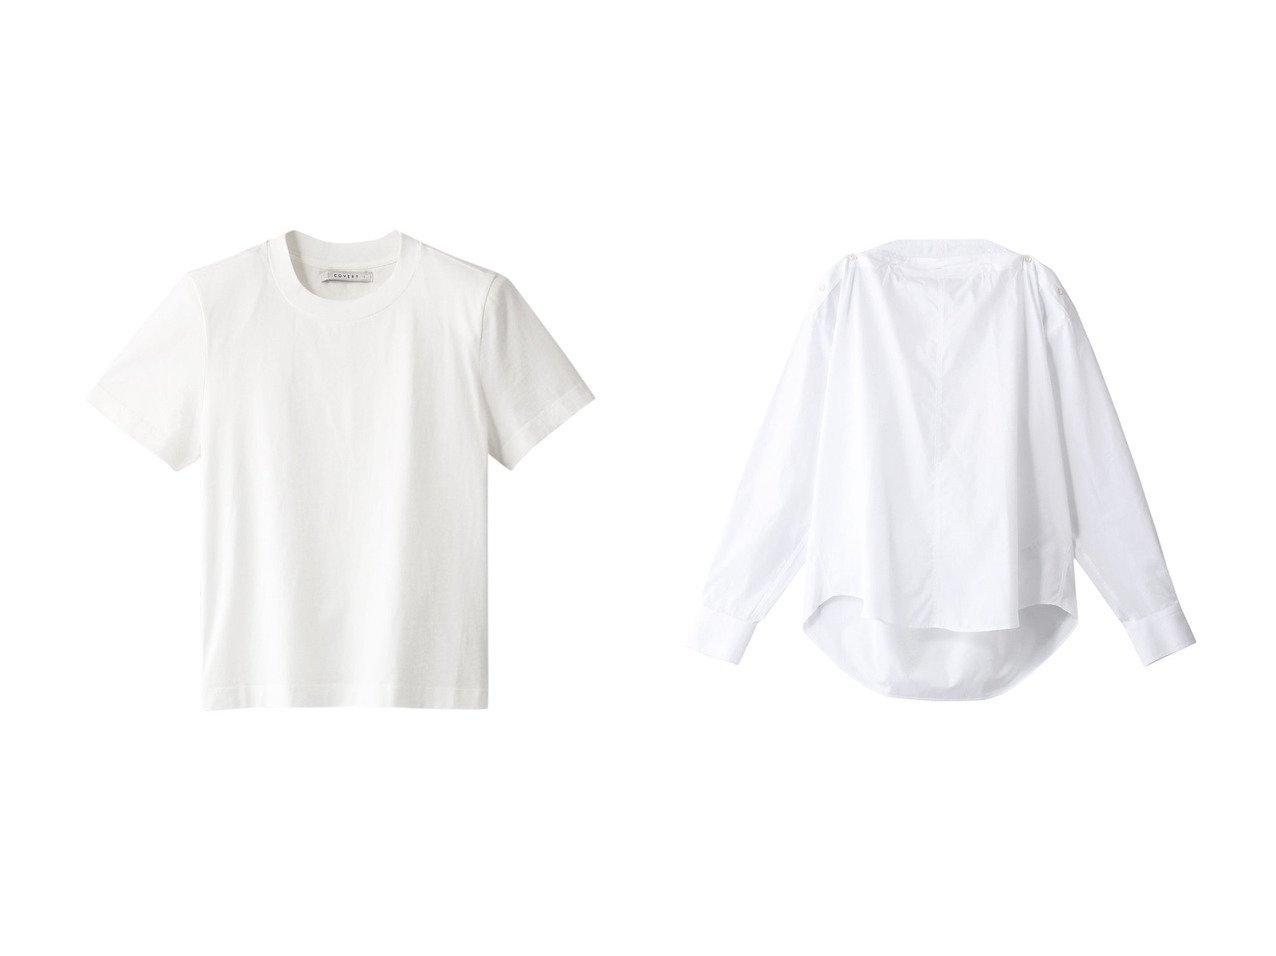 【THIRD MAGAZINE/サードマガジン】の【COVERT】コットンブラウス&【COVERT】クルーネックTシャツ 【トップス・カットソー】おすすめ!人気、トレンド・レディースファッションの通販 おすすめで人気の流行・トレンド、ファッションの通販商品 メンズファッション・キッズファッション・インテリア・家具・レディースファッション・服の通販 founy(ファニー) https://founy.com/ ファッション Fashion レディースファッション WOMEN トップス・カットソー Tops/Tshirt シャツ/ブラウス Shirts/Blouses ロング / Tシャツ T-Shirts カットソー Cut and Sewn イタリア ショート シンプル スリーブ ショルダー フォルム ボトム ロング  ID:crp329100000036790